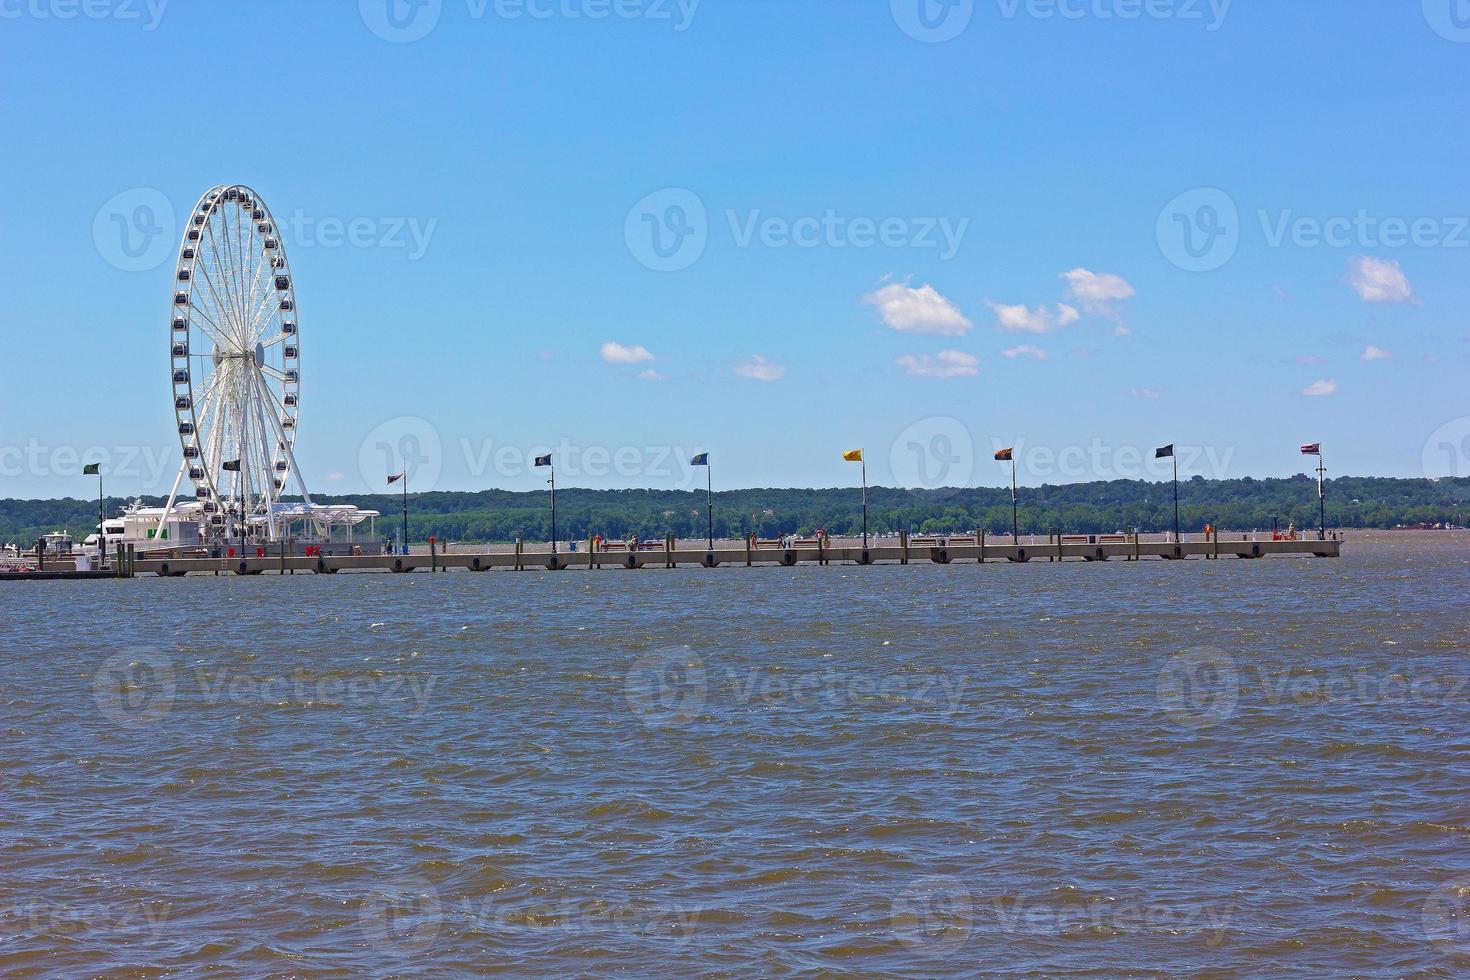 grande roue et une longue jetée dans le Maryland, USA. photo